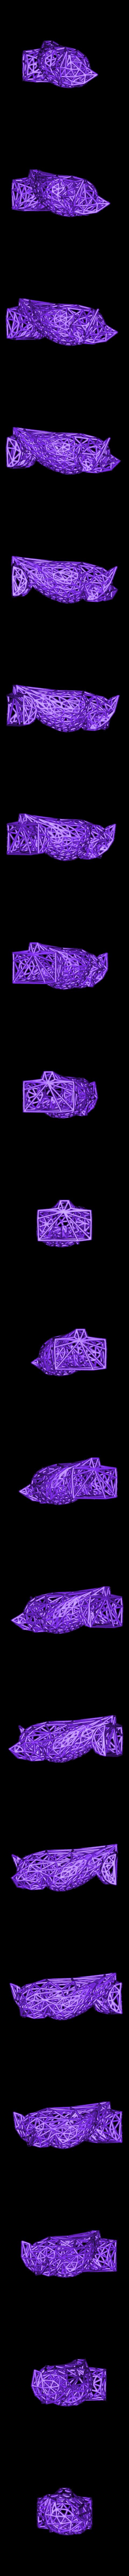 owl_voronoi_.stl Télécharger fichier STL gratuit chouette voronoi • Objet pour imprimante 3D, Motek3D